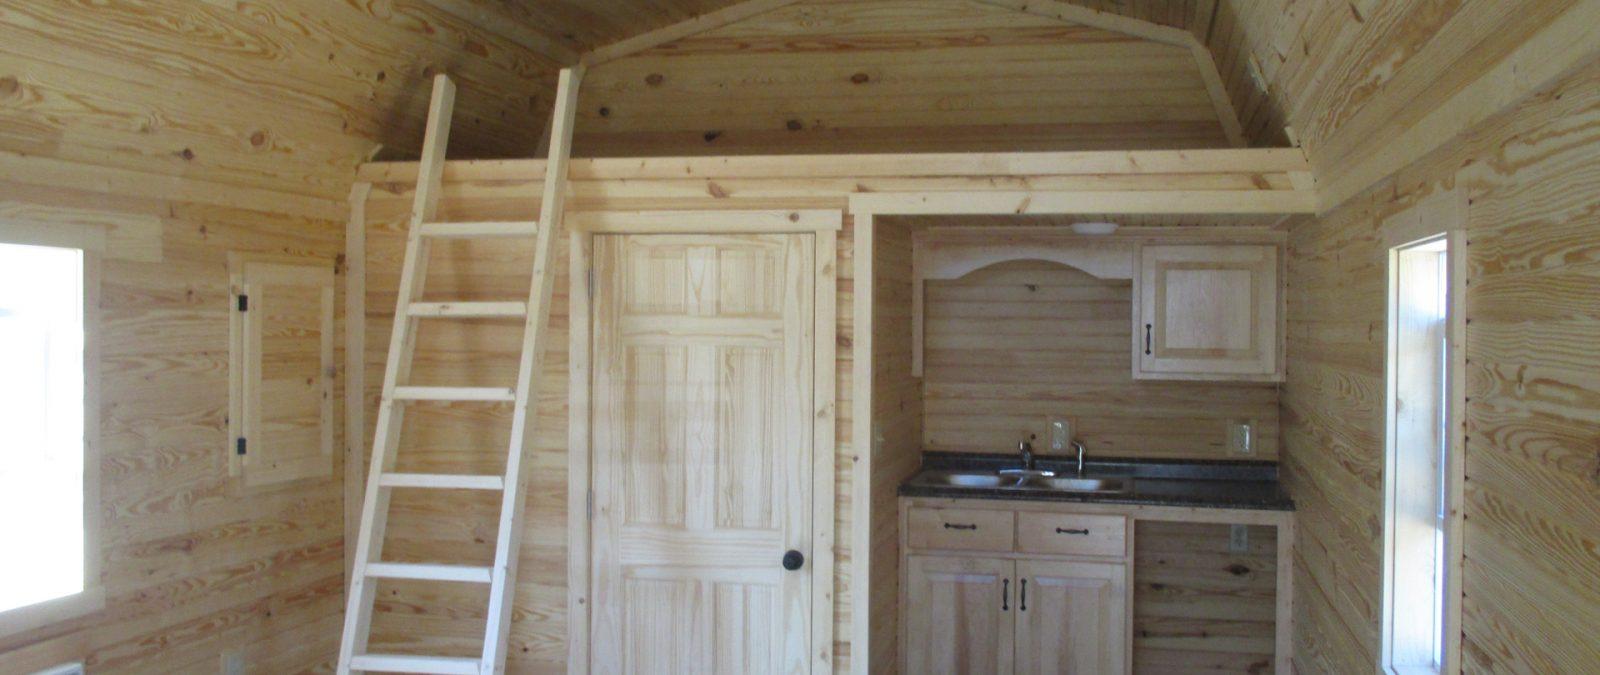 lofted cabin 8